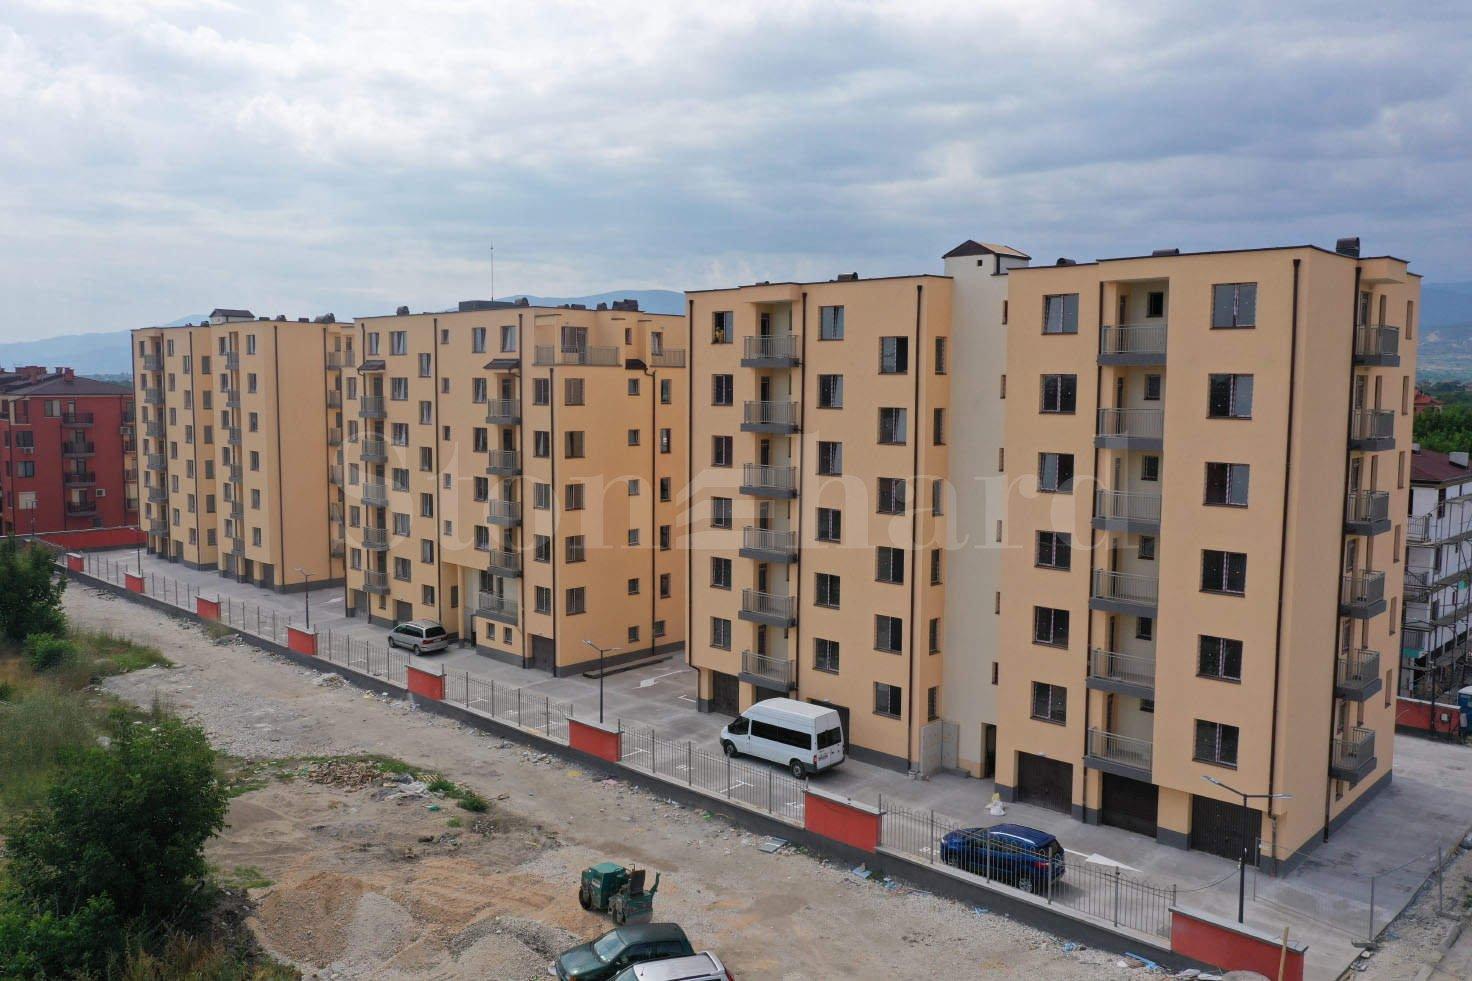 Апартаменти на атрактивни цени до 650 €/м² в нова сграда с АКТ 162 - Stonehard